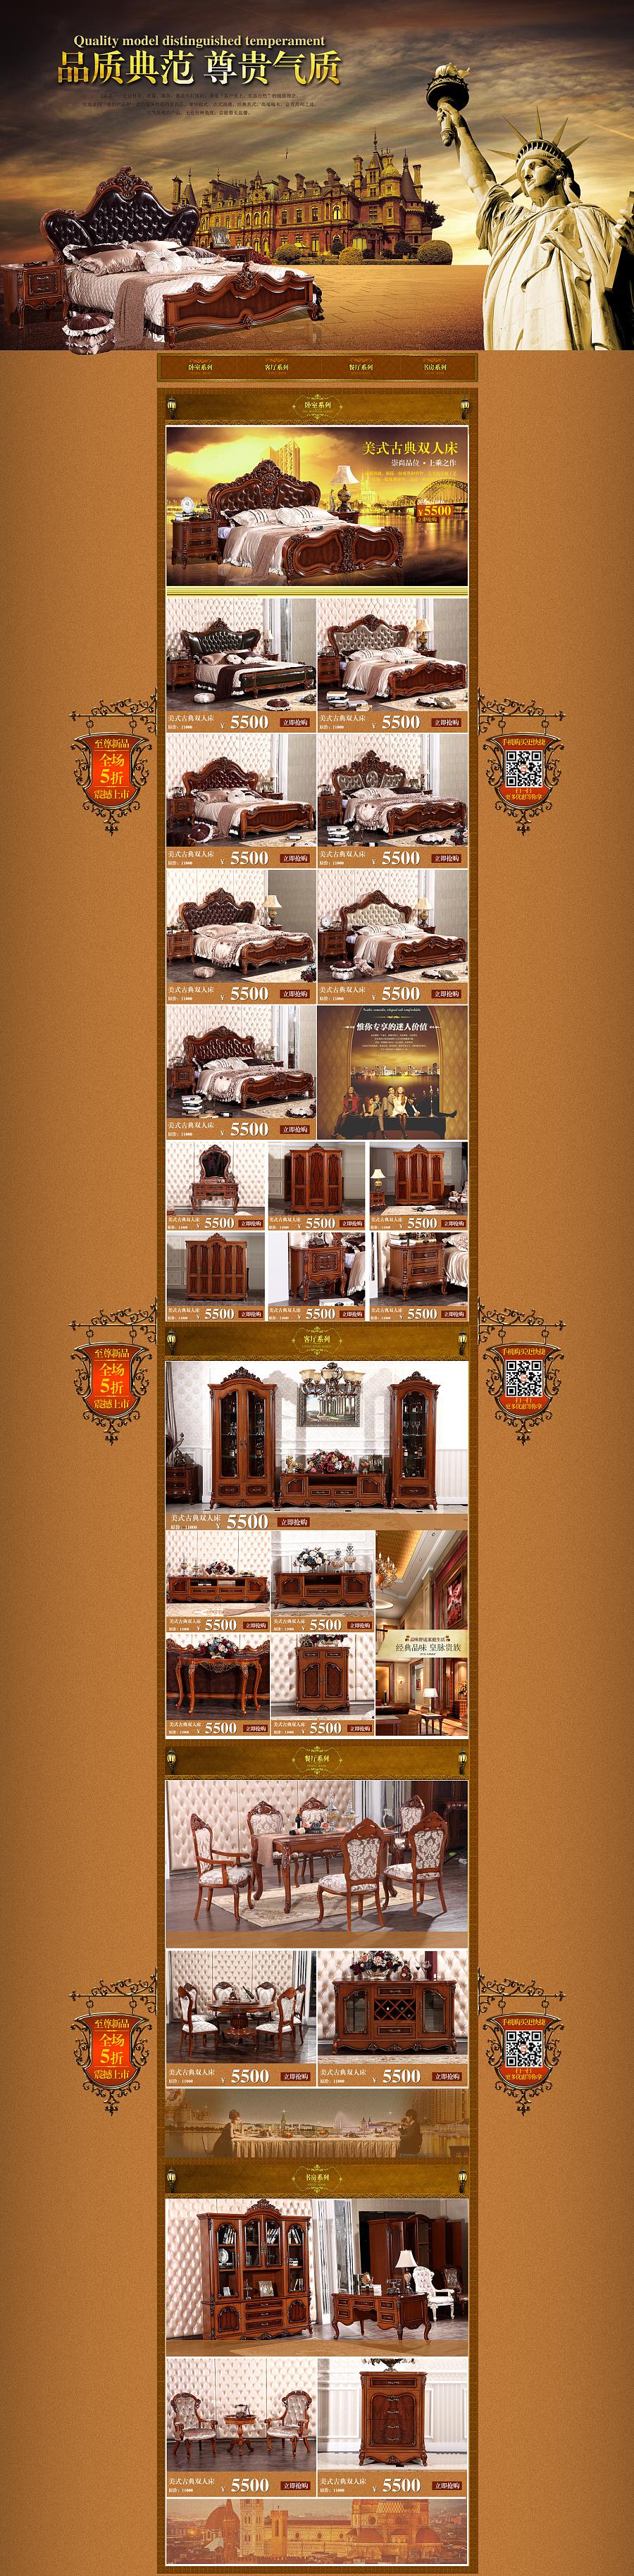 淘宝欧式家具二级页面|电子商务/商城|网页|愤怒的小